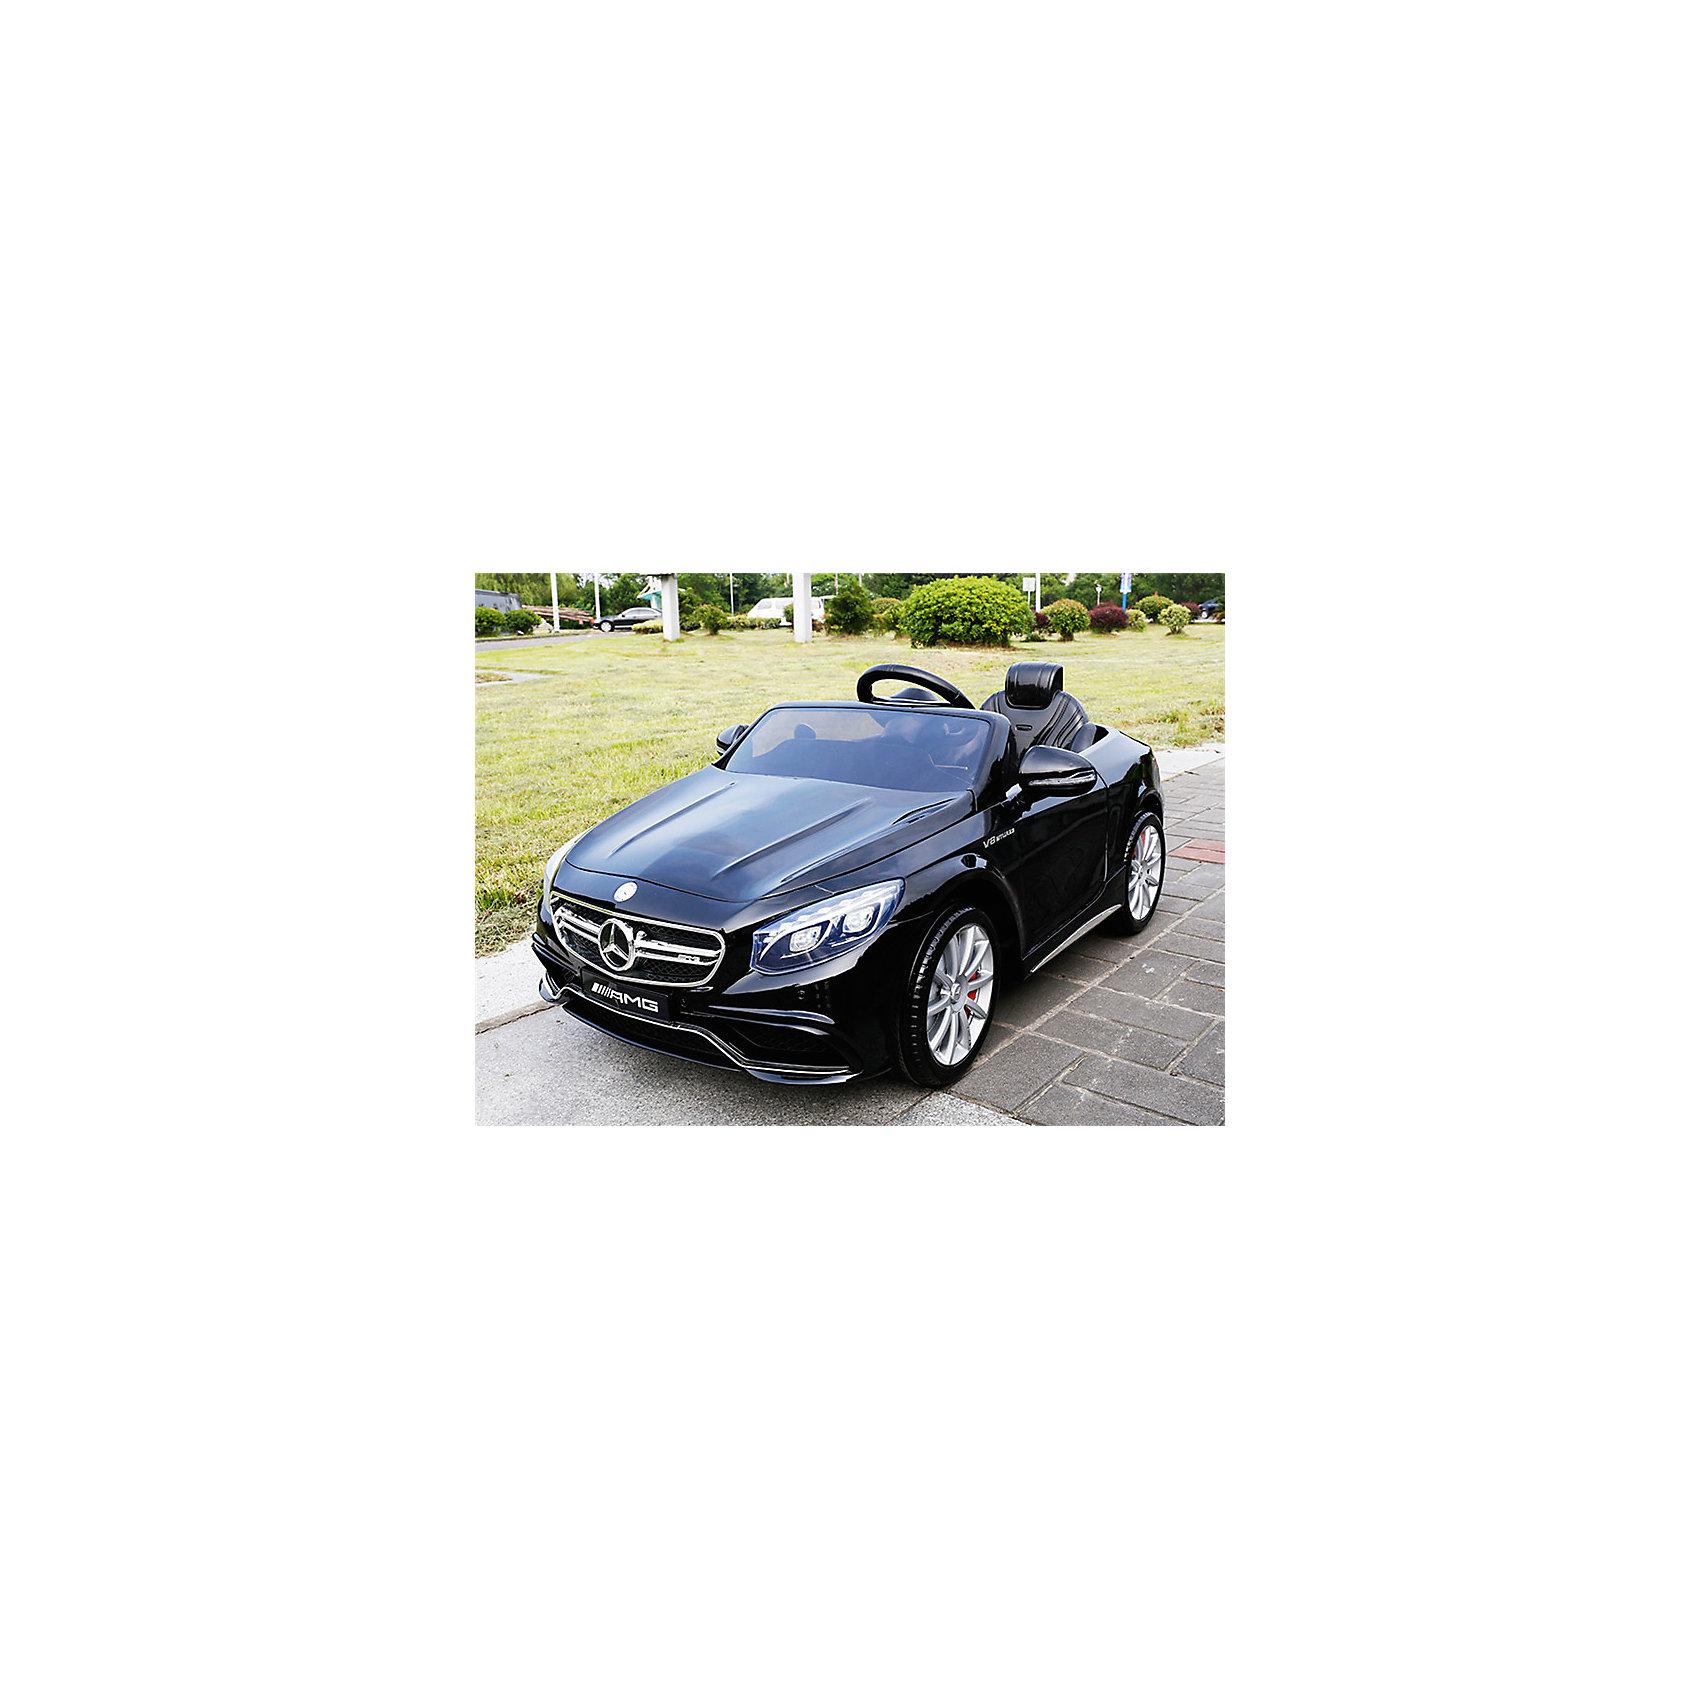 Электромобиль Mercedes S63, c mp3, светом извуком, ZilmerЭлектромобили<br>Электромобиль Zilmer Mercedes S63 (120х70х50 см, р/у, аккум. бат. 12V/7Ah, mp3, свет. звук. эффекты, лиценз.)        Электромобиль с дистанционным управлением, аккумуляторная батарея (12V/7Ah, функциональный руль, MP3 выход, свет/звук, аммортизаторы, две скорости<br><br>Ширина мм: 1240<br>Глубина мм: 610<br>Высота мм: 330<br>Вес г: 18500<br>Возраст от месяцев: 36<br>Возраст до месяцев: 72<br>Пол: Унисекс<br>Возраст: Детский<br>SKU: 4745124